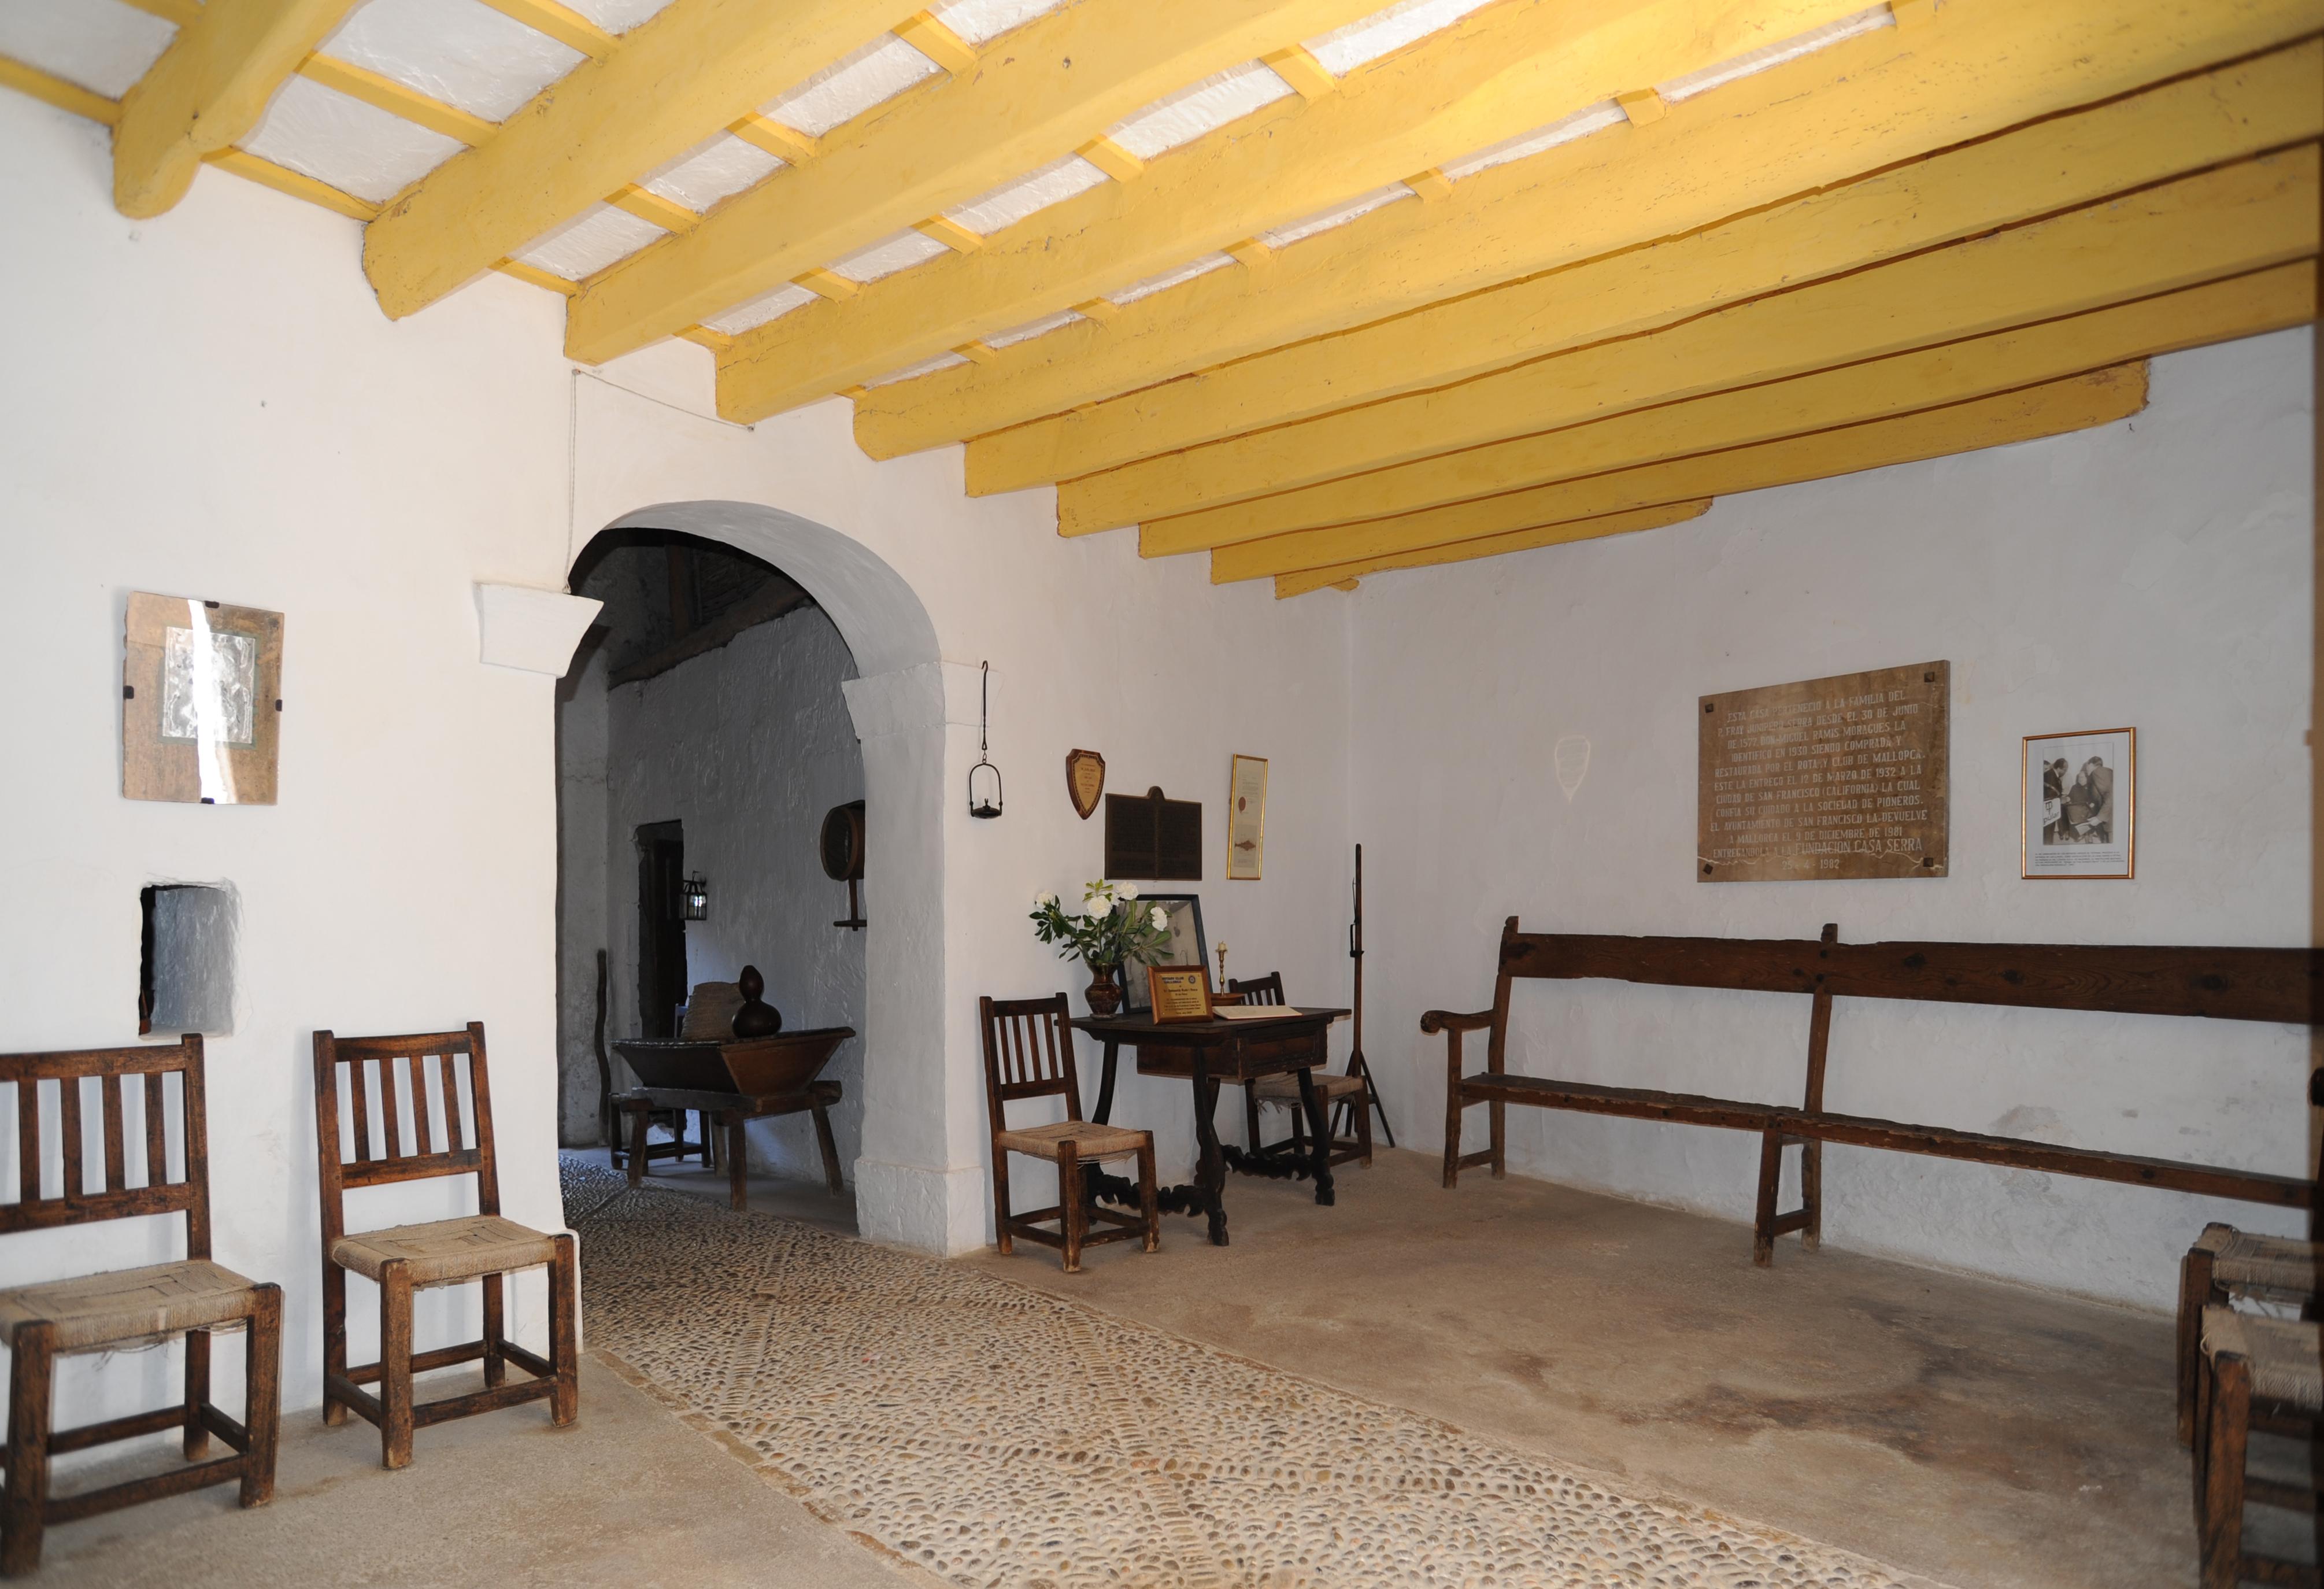 Muebles hermanos miquel manacor obtenga ideas dise o de muebles para su hogar aqu - Muebles en manacor ...